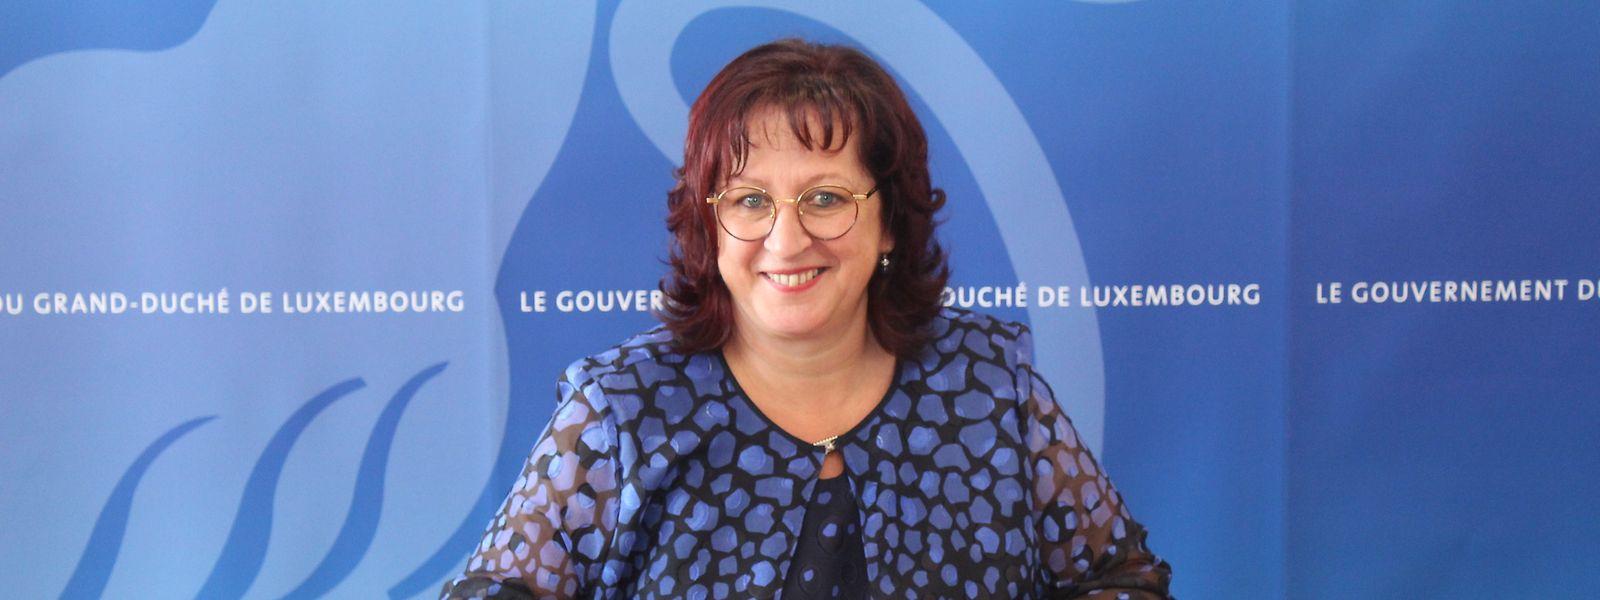 Simone Asselborn-Bintz a prêté serment ce 13 juillet devant la ministre de l'Intérieur Taina Bofferding